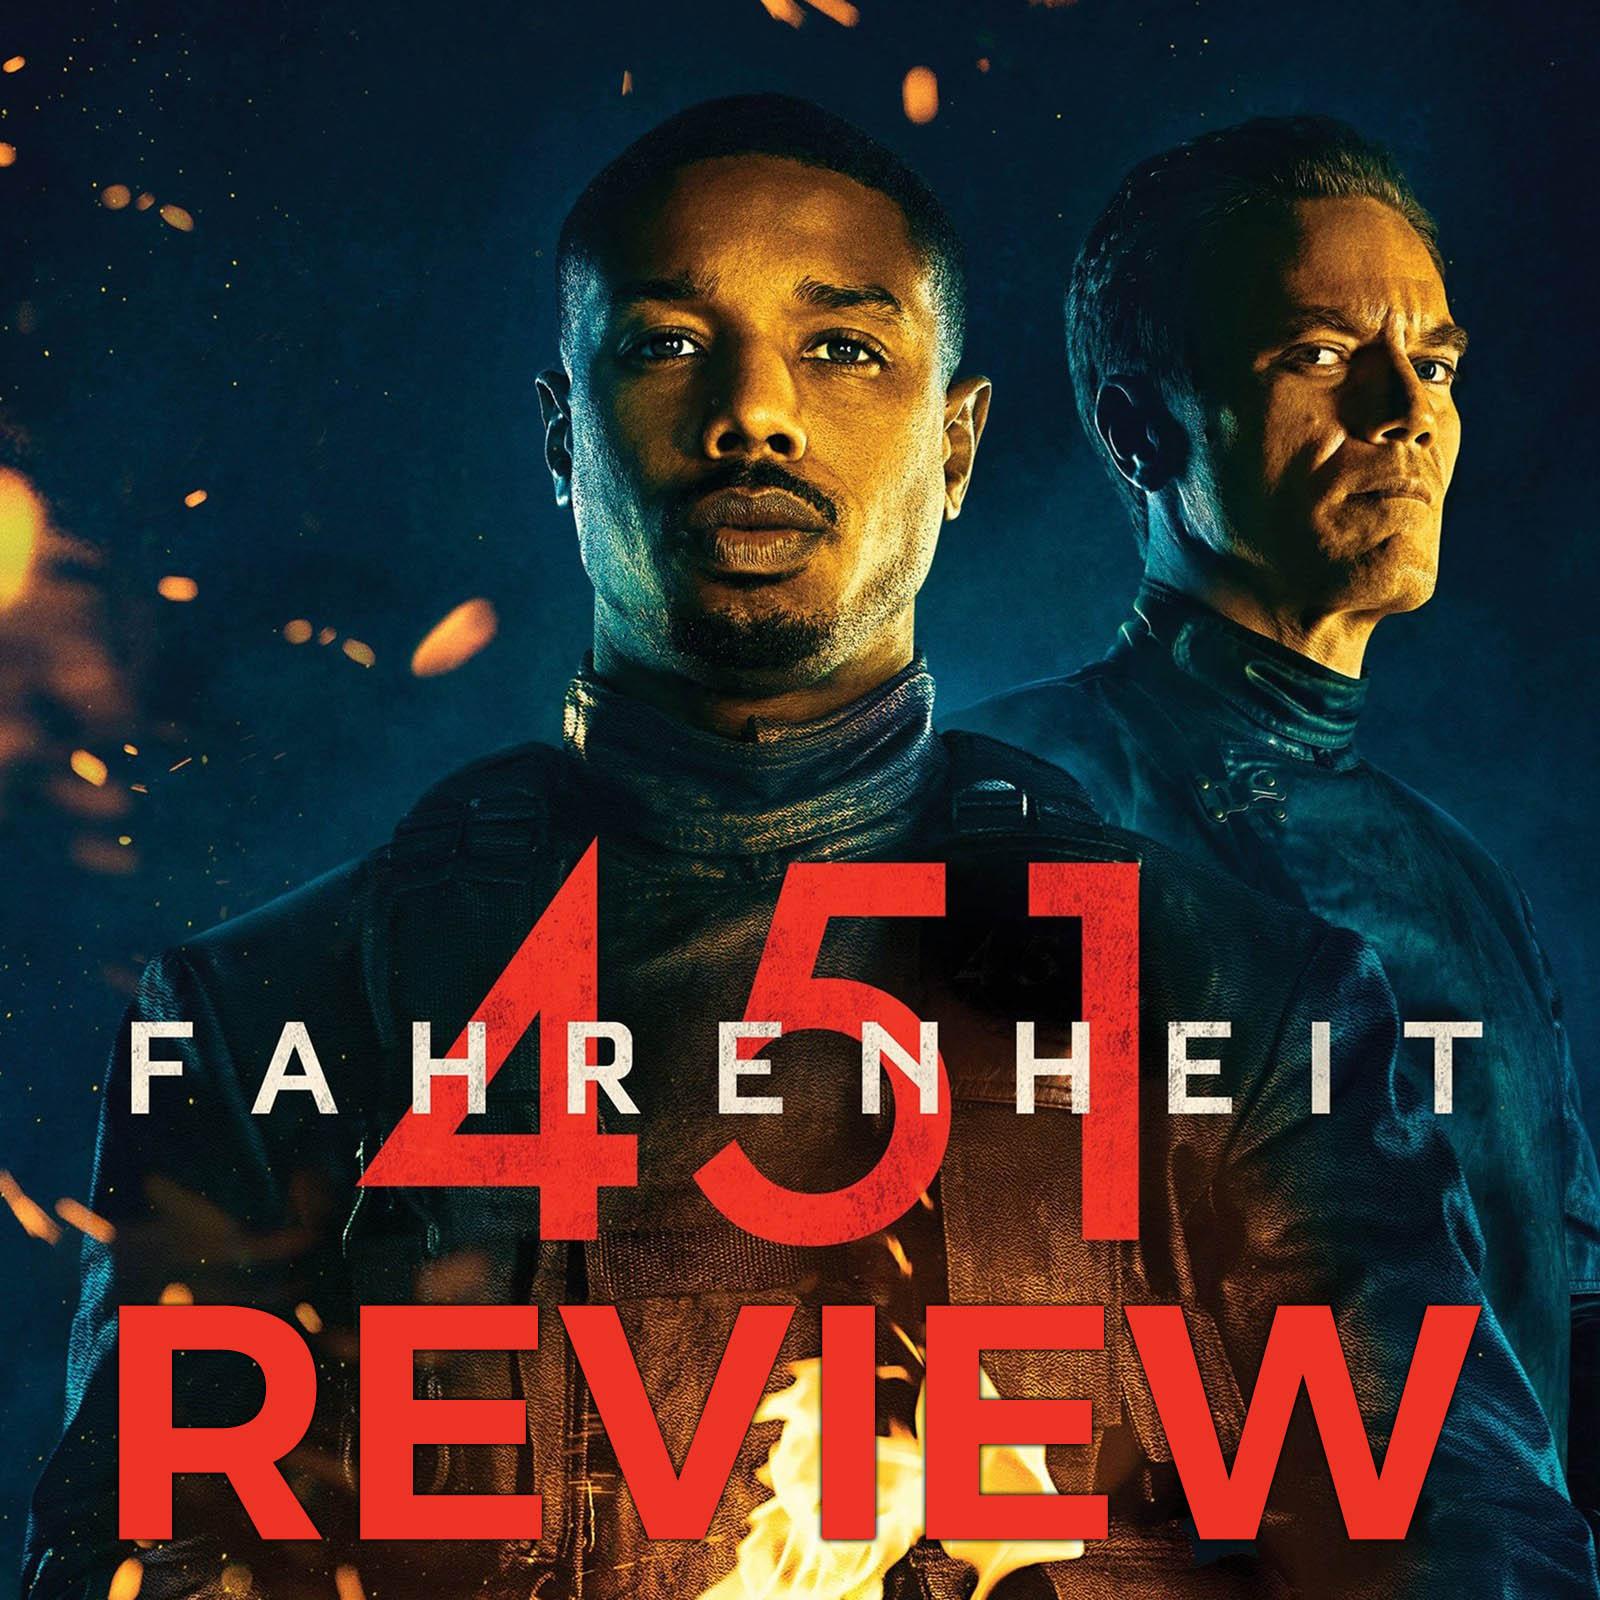 Fahrenheit 451 (2018) Review